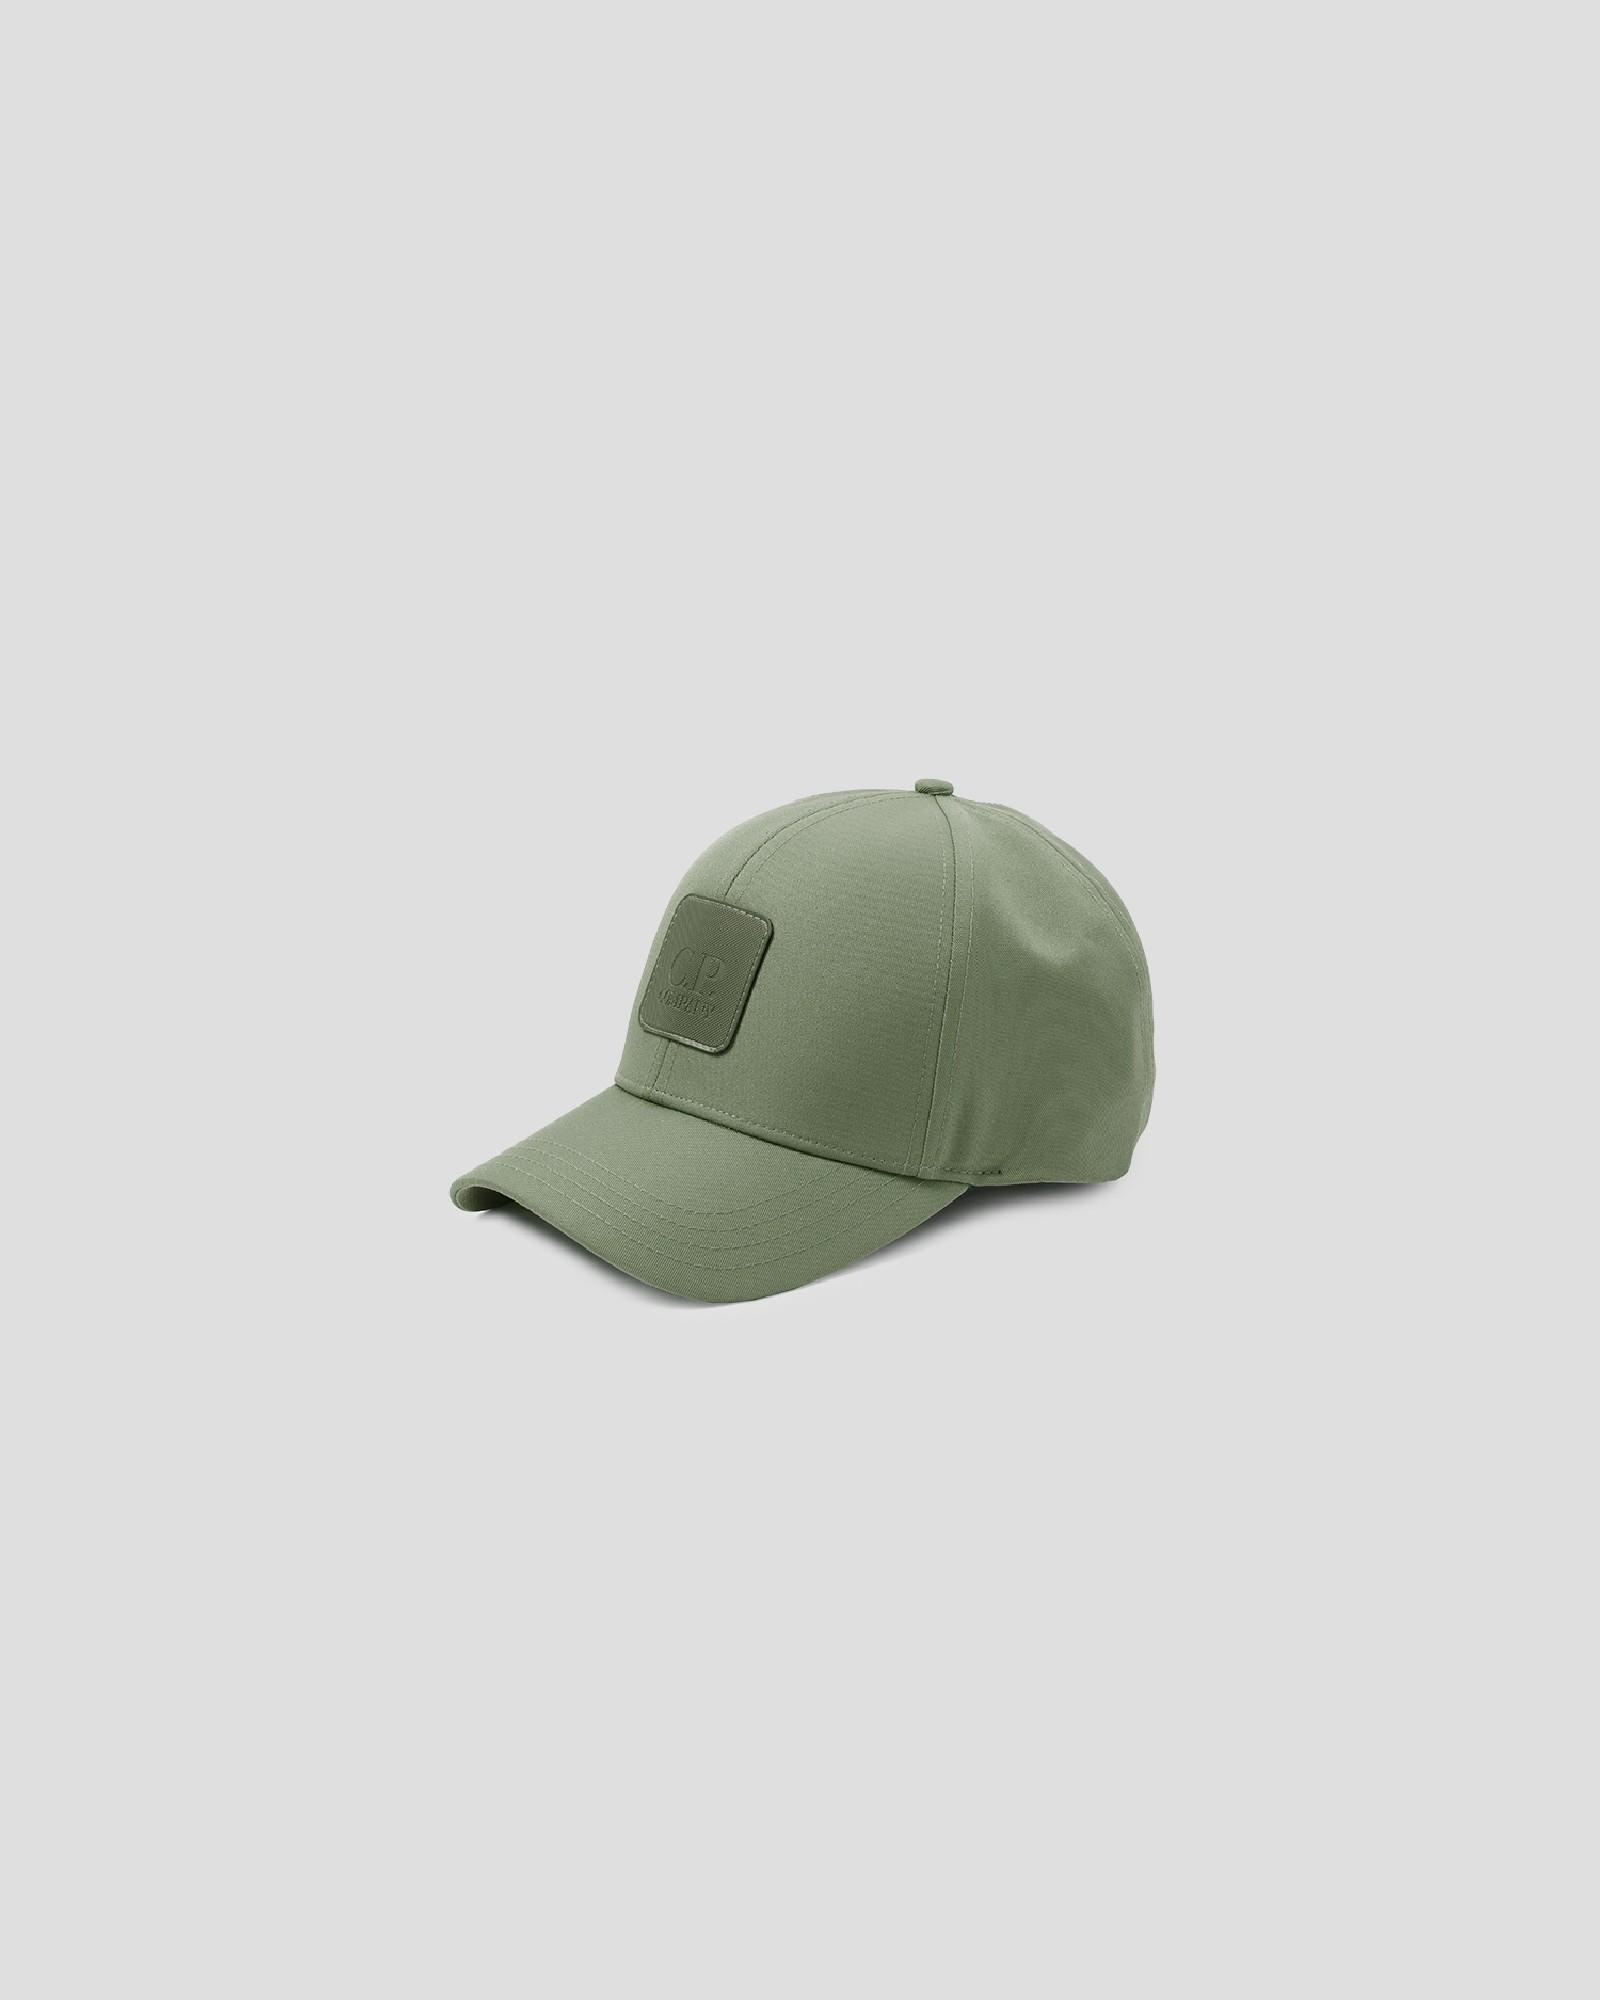 C.P. COMPANY | Hats | MAC093A00 5952A668